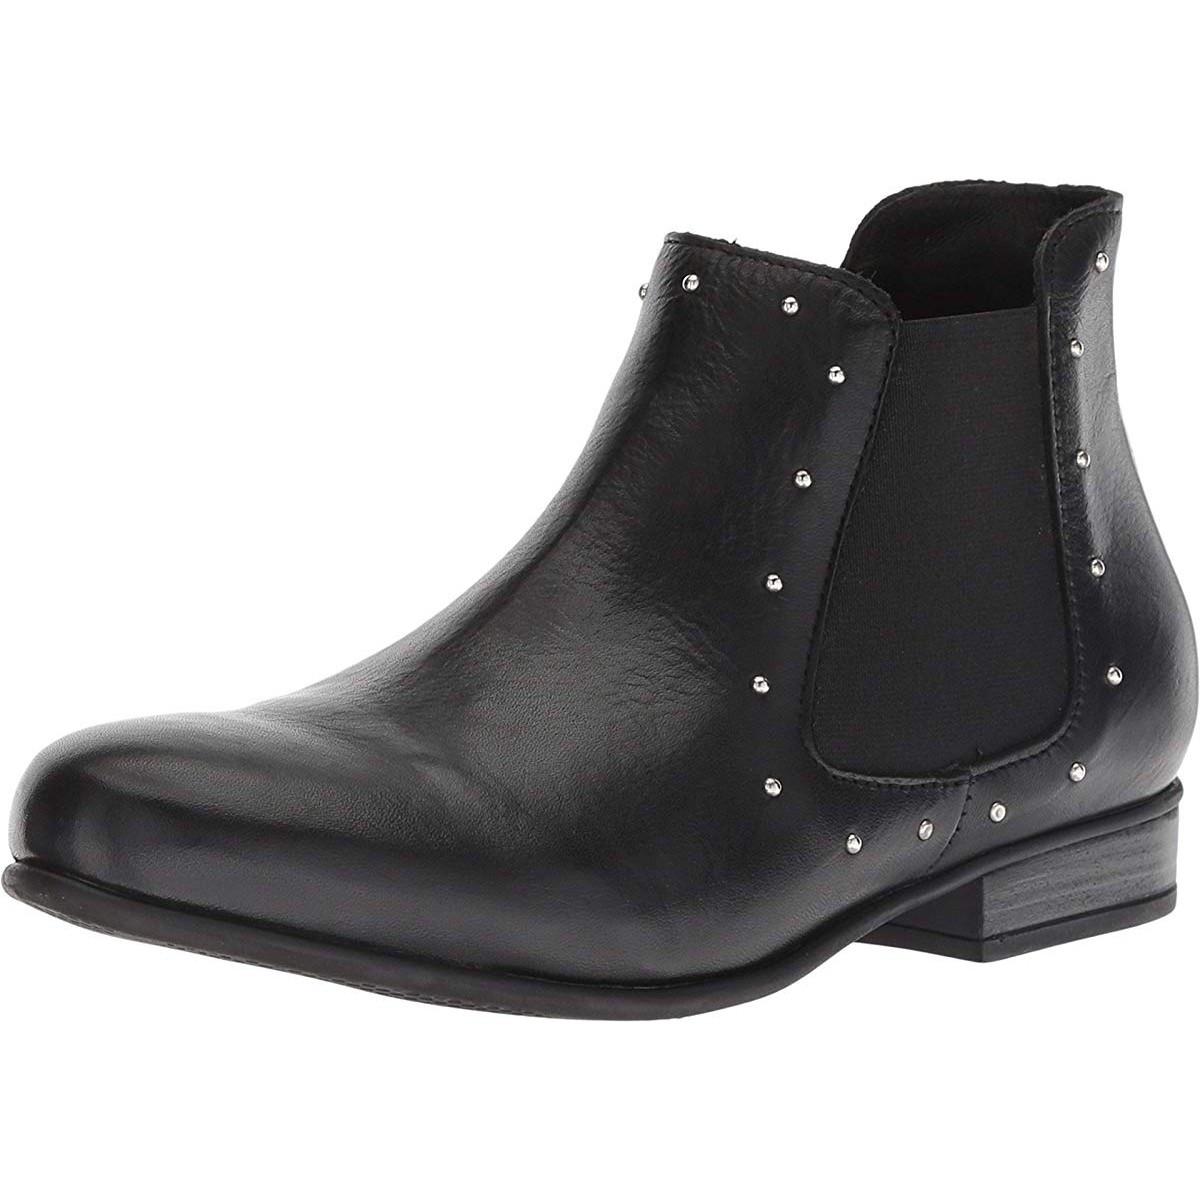 Ботинки Eric Michael Jolie Black - Оригинал, фото 1